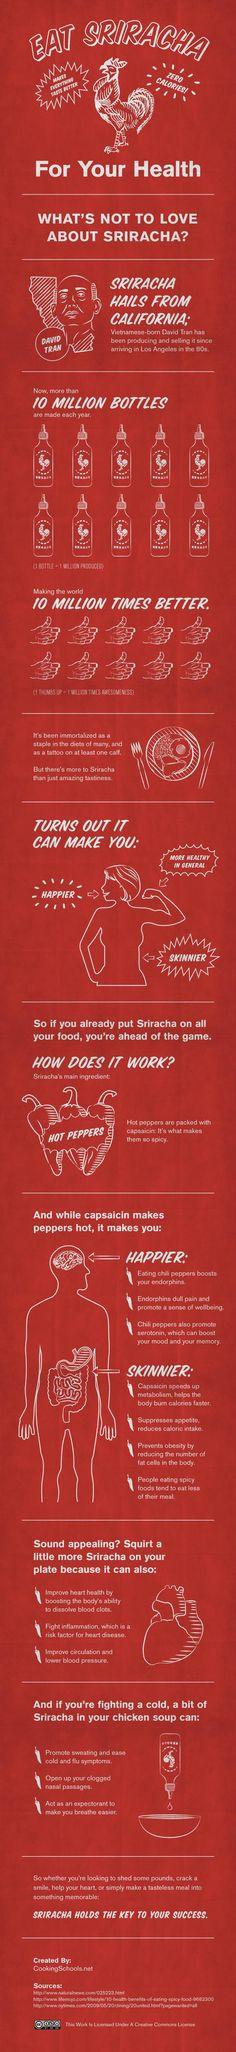 Eat Sriracha!